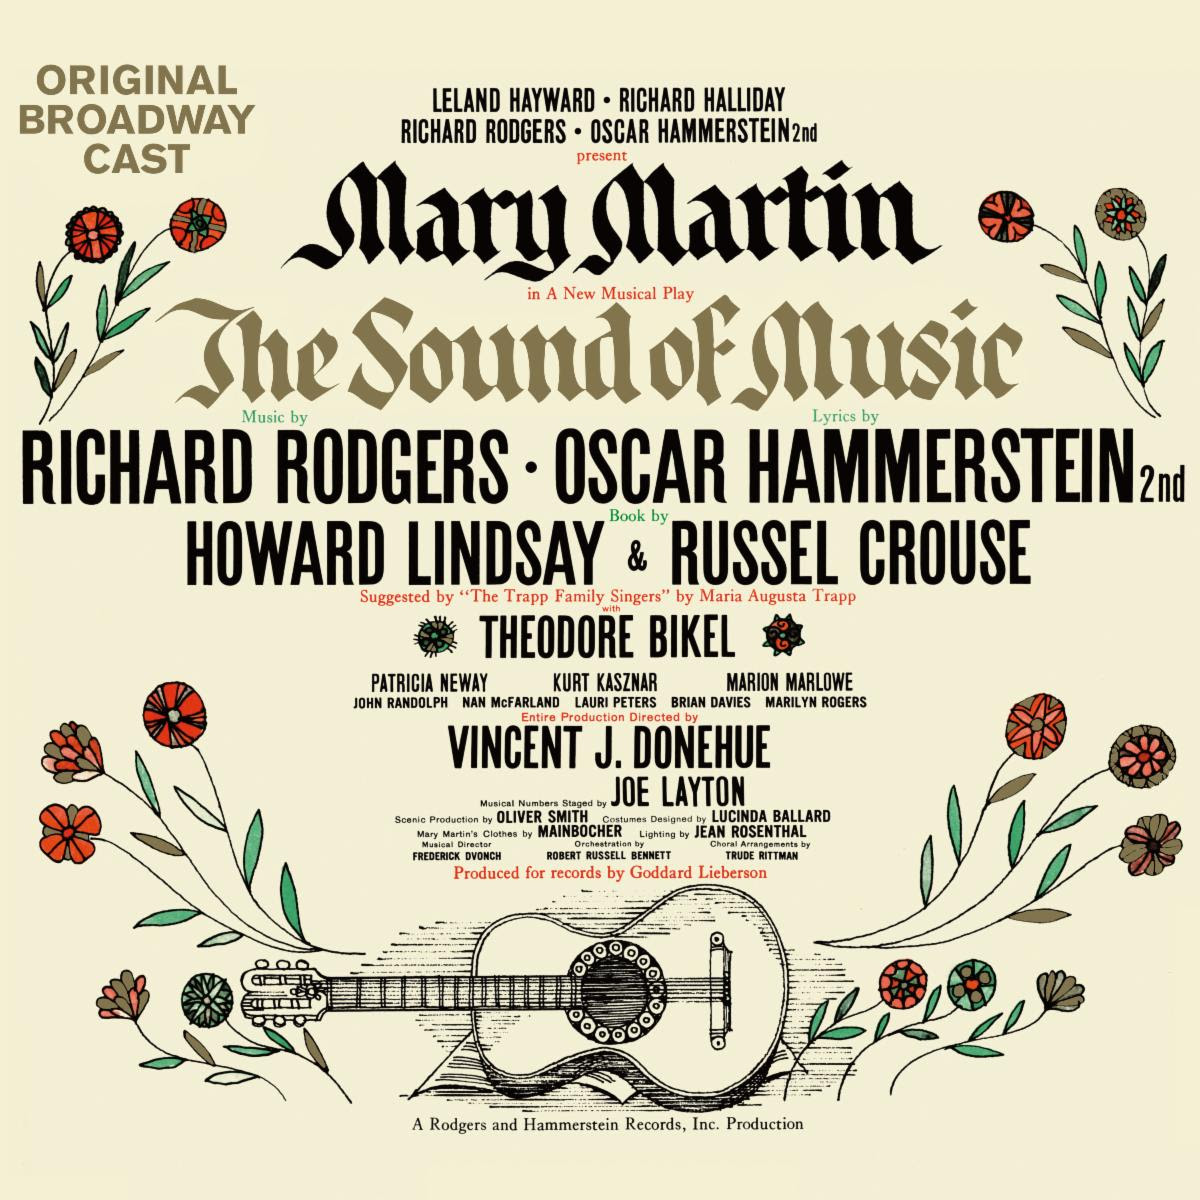 the sound of music original cast recording reissue cover artwork